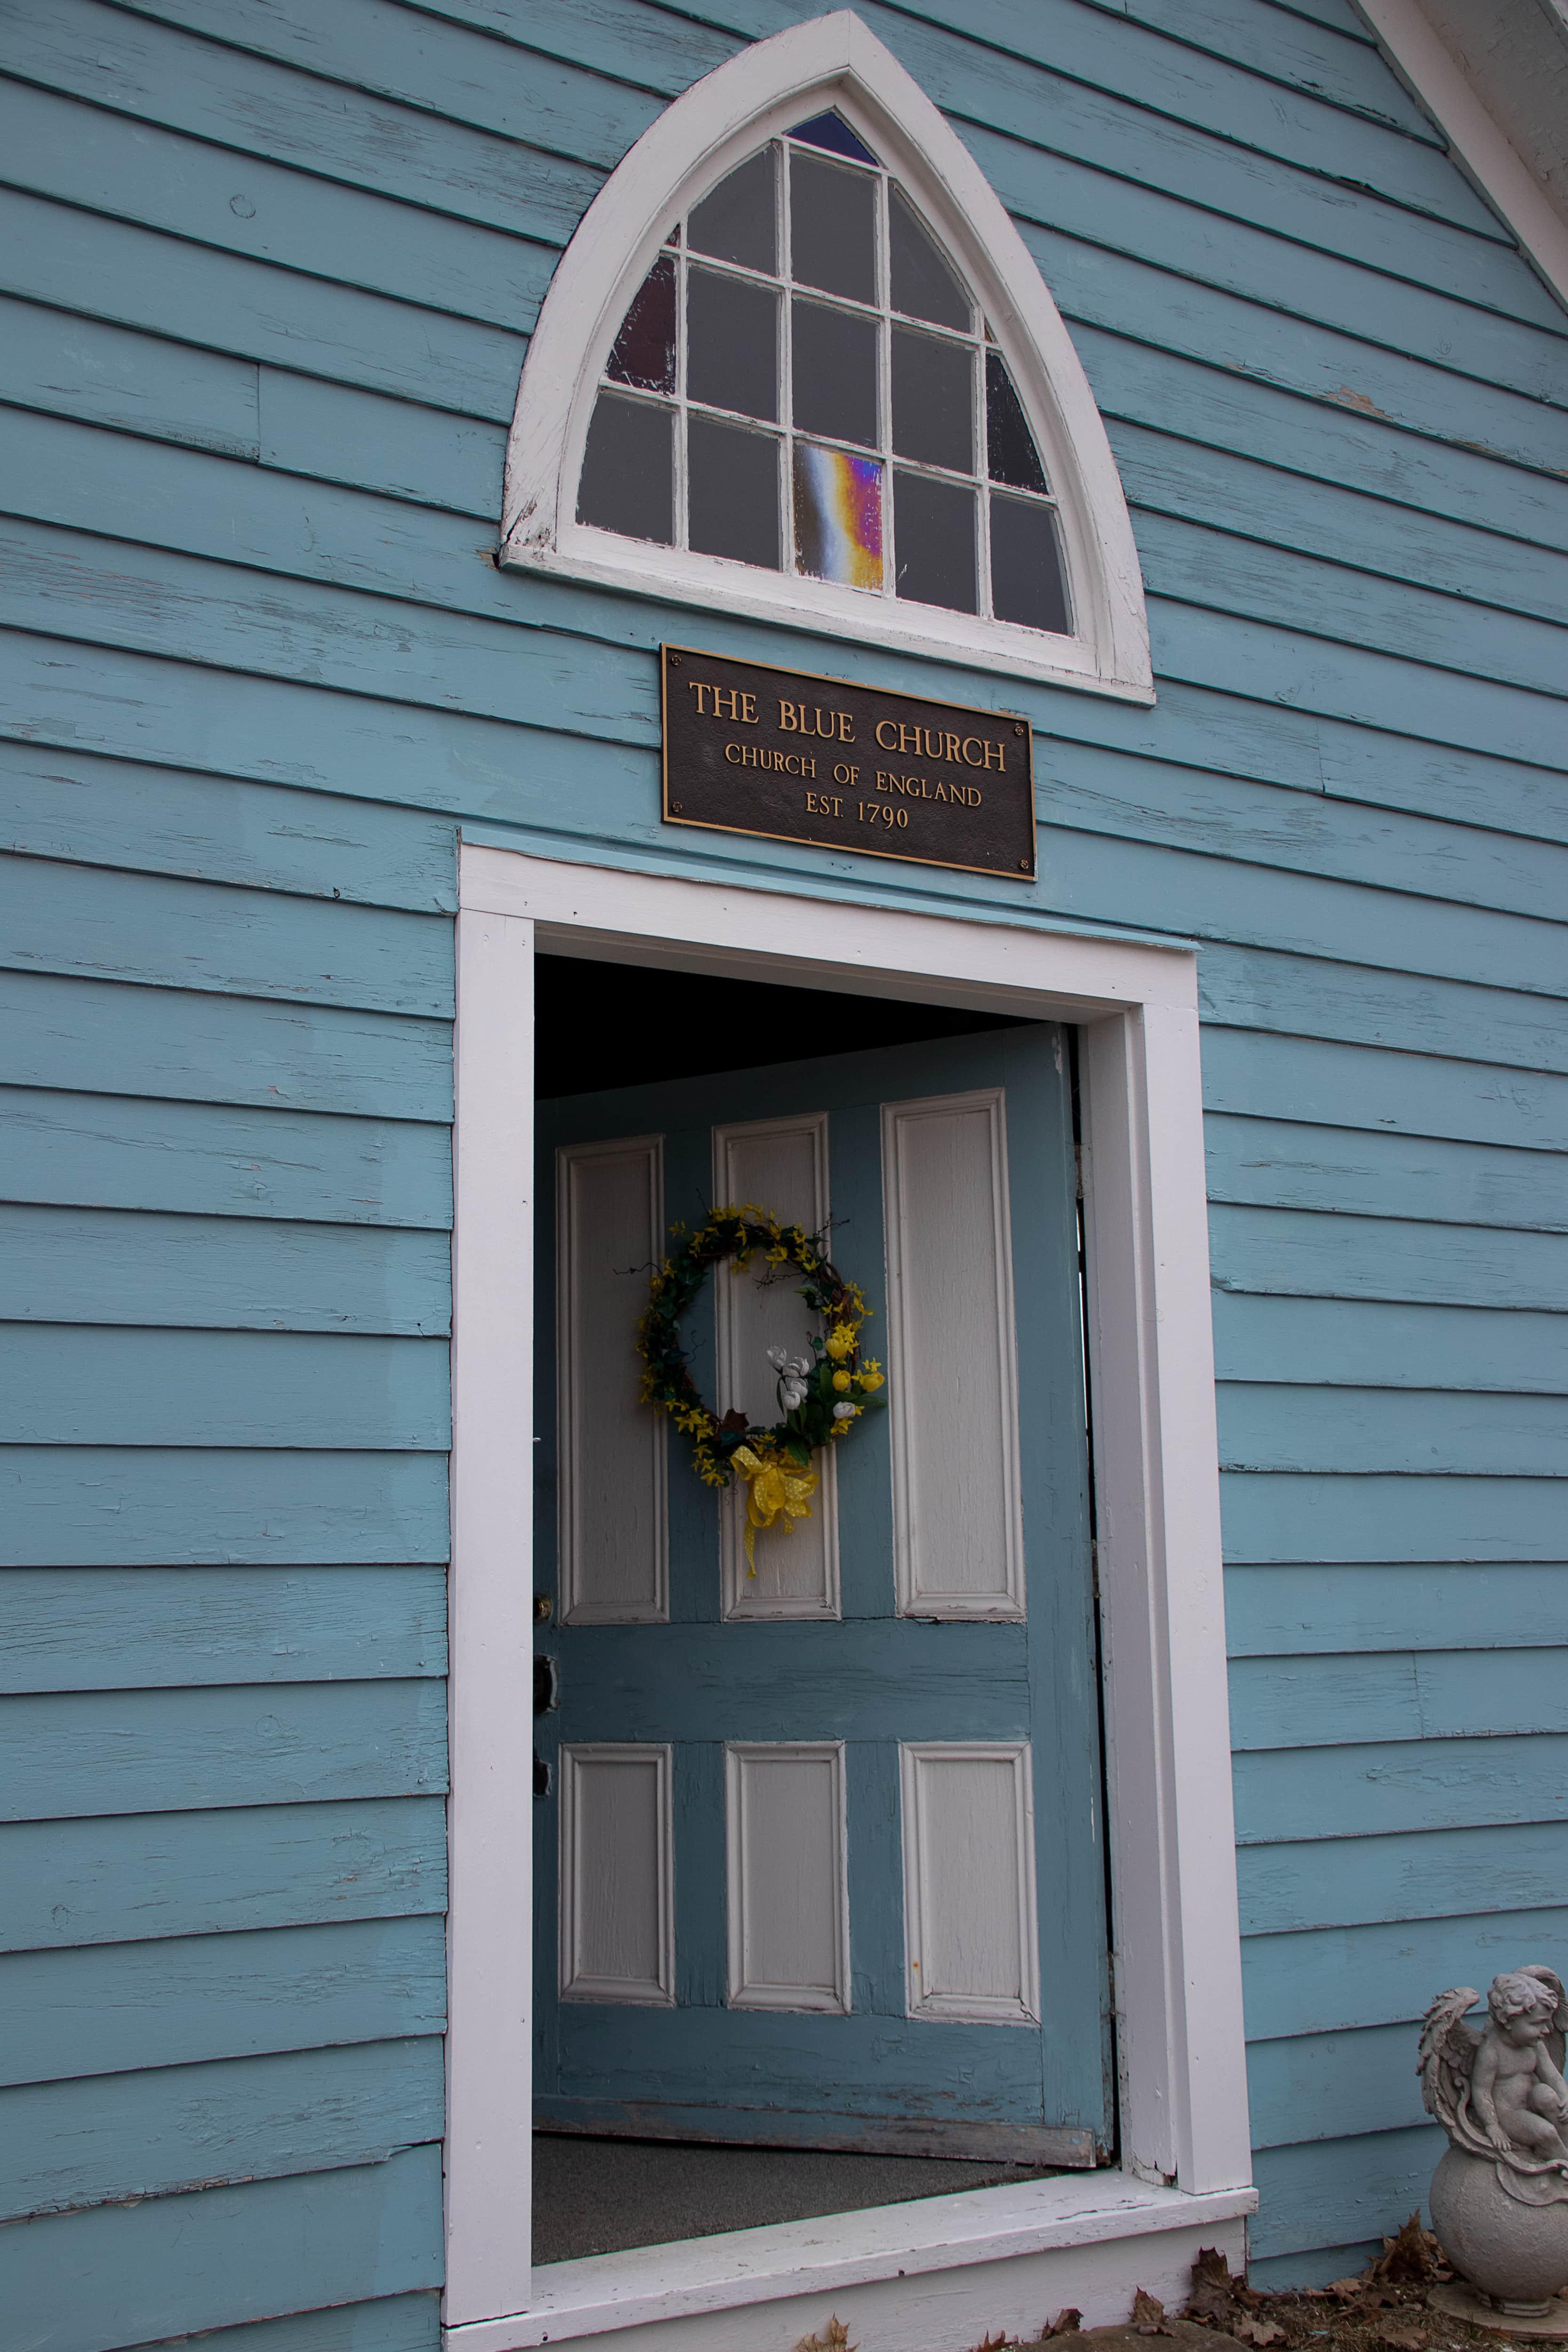 Entrances to The Blue Church in Prescott, Ontario